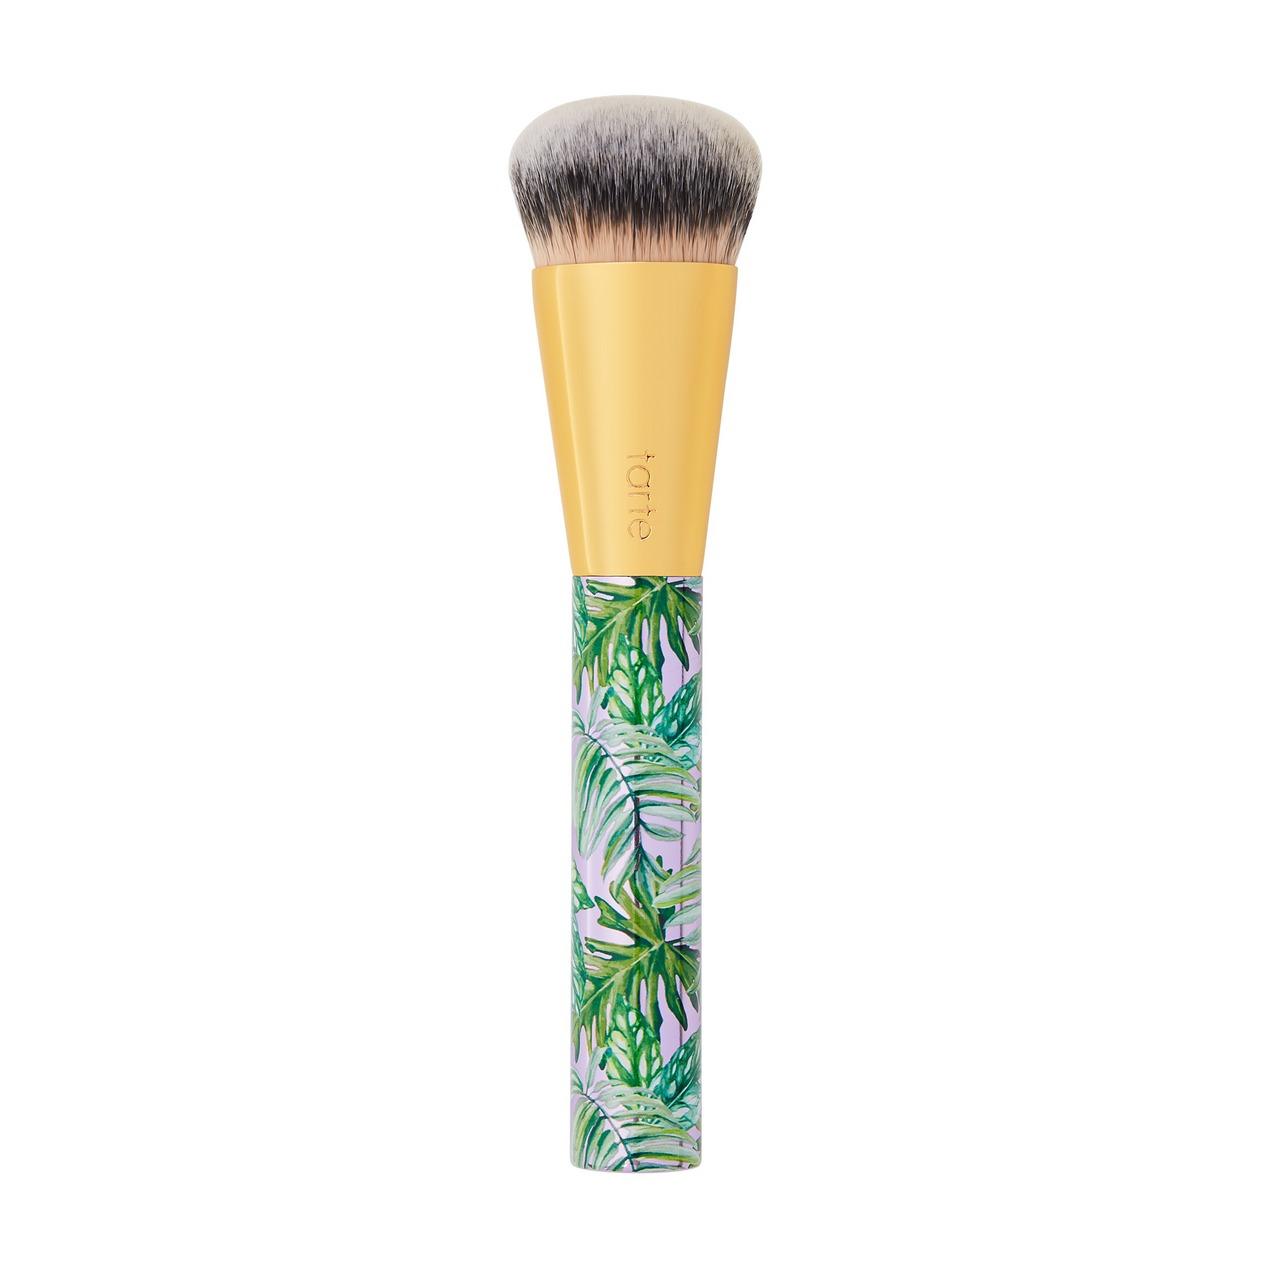 tarte-foundcealer-brush.jpg